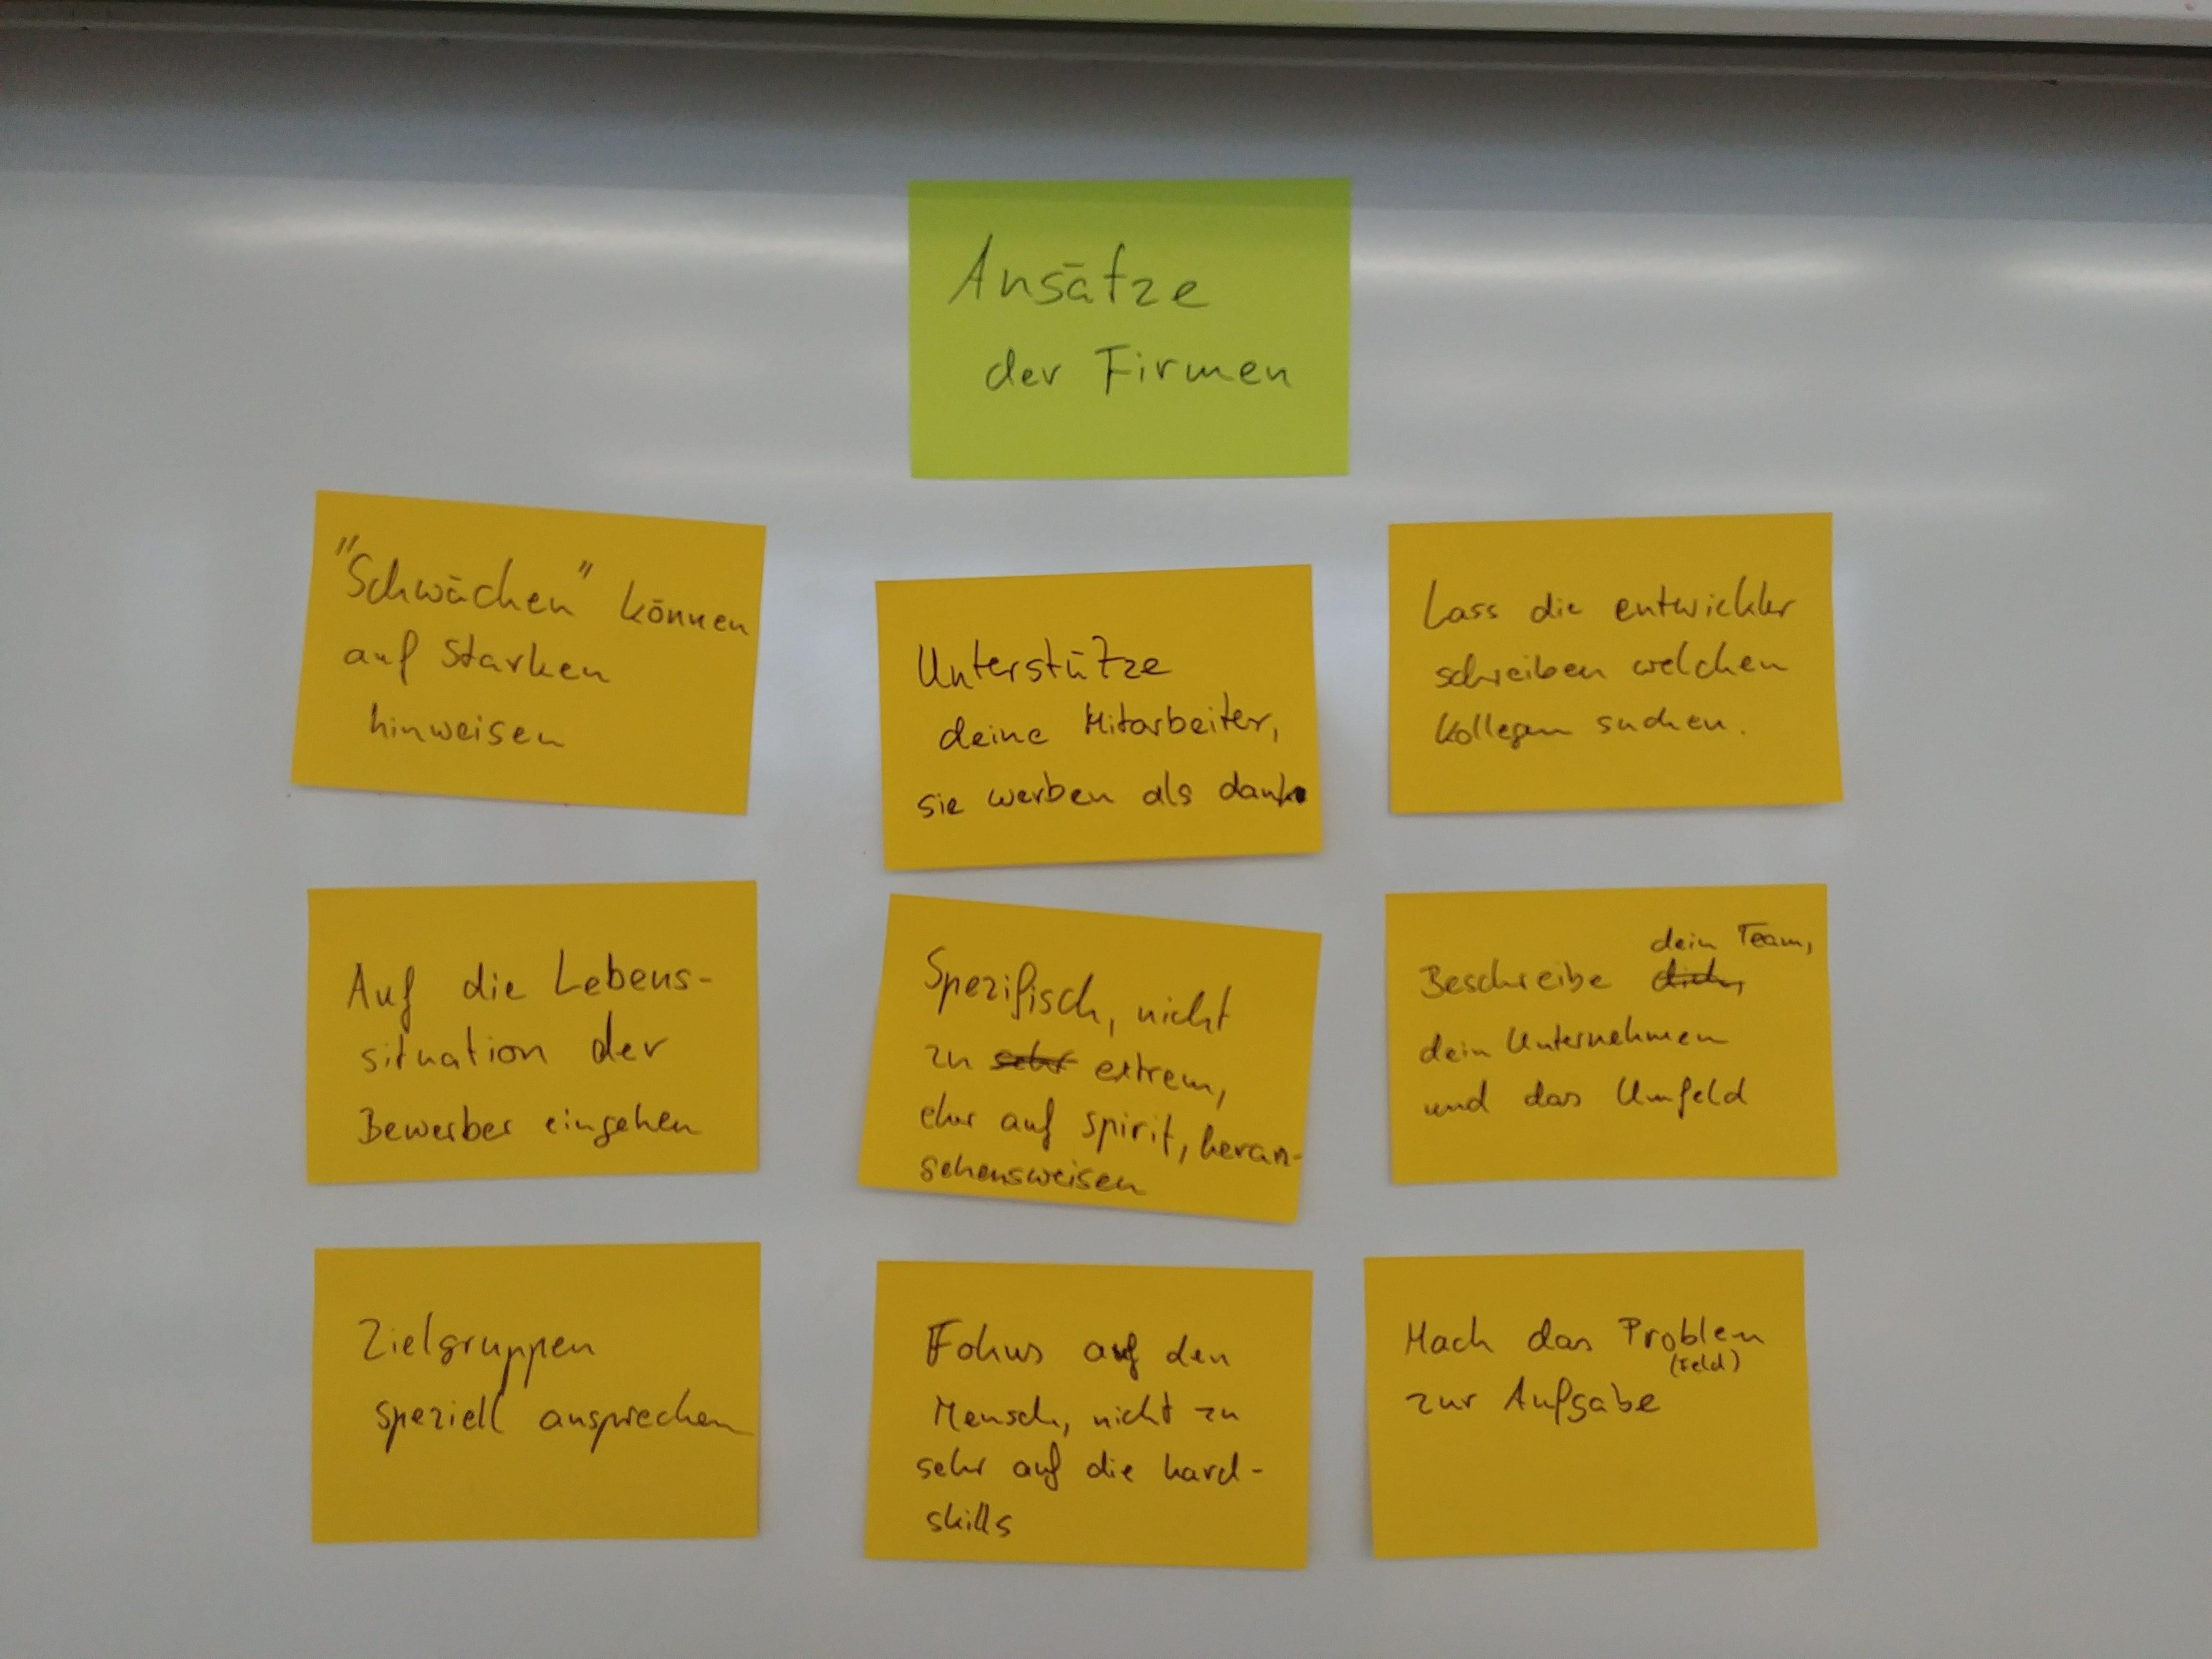 Photo von den beiträgen der Teilnehmer